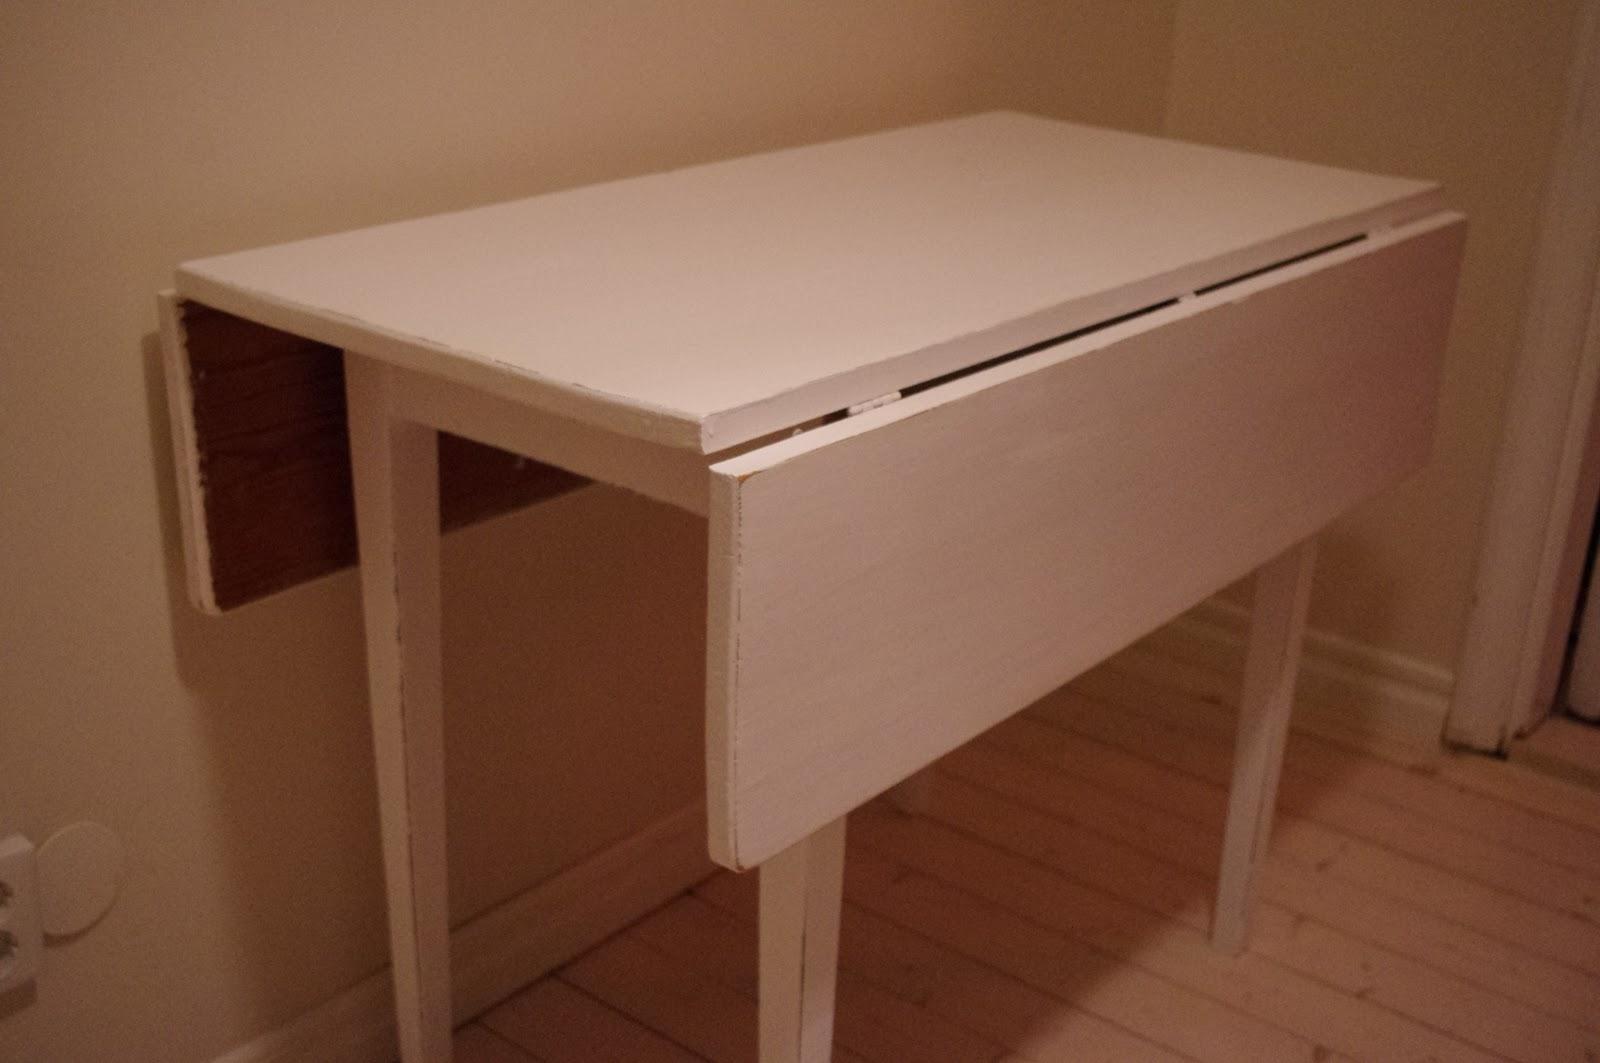 Bord 1. Litet fint klaffbord | Vackra Saker : franskt matbord : Inredning